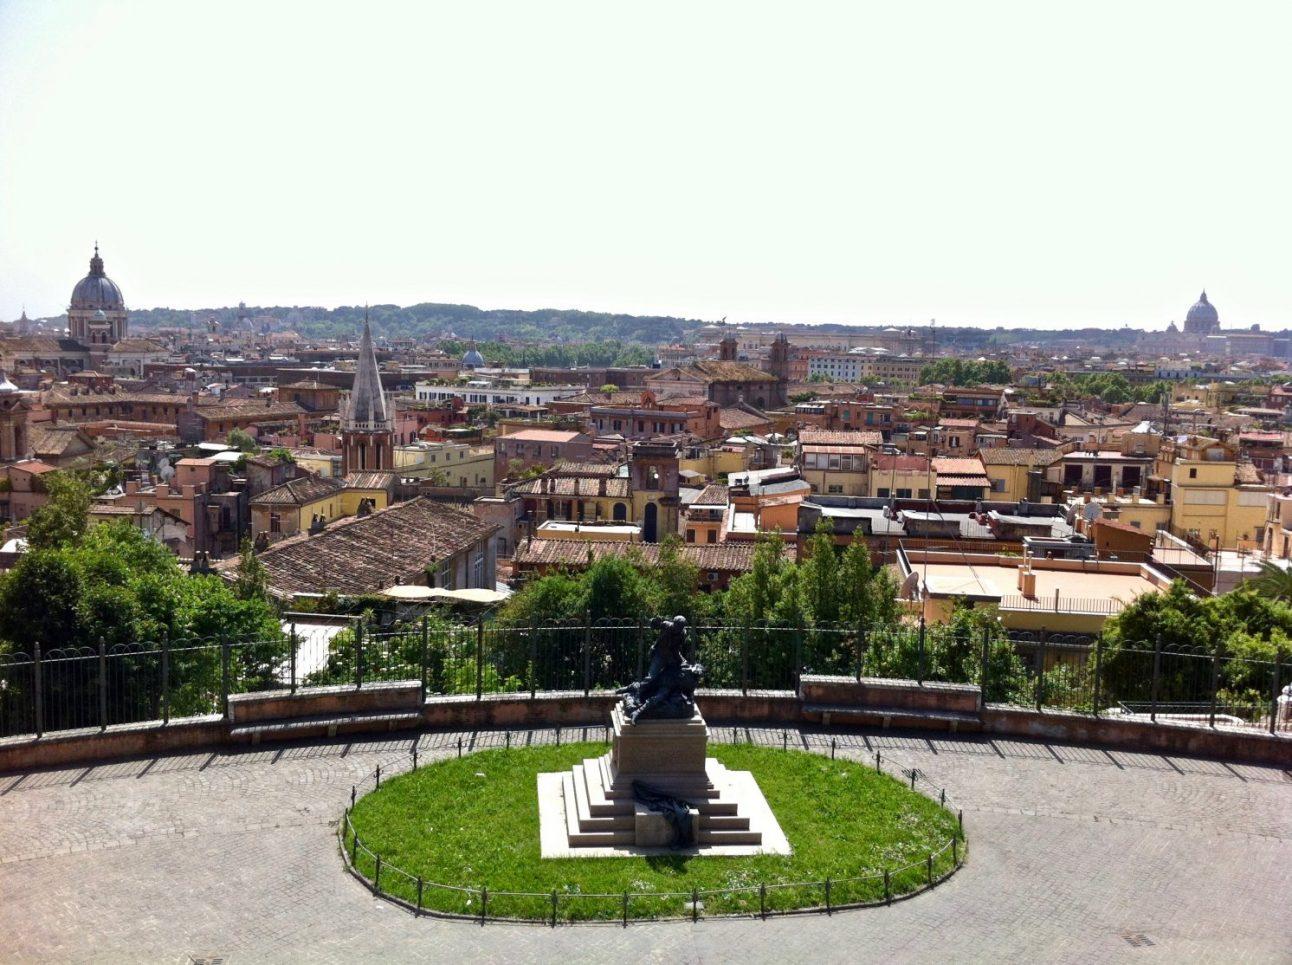 59. Vue sur Rome depuis les hauteurs de la ville